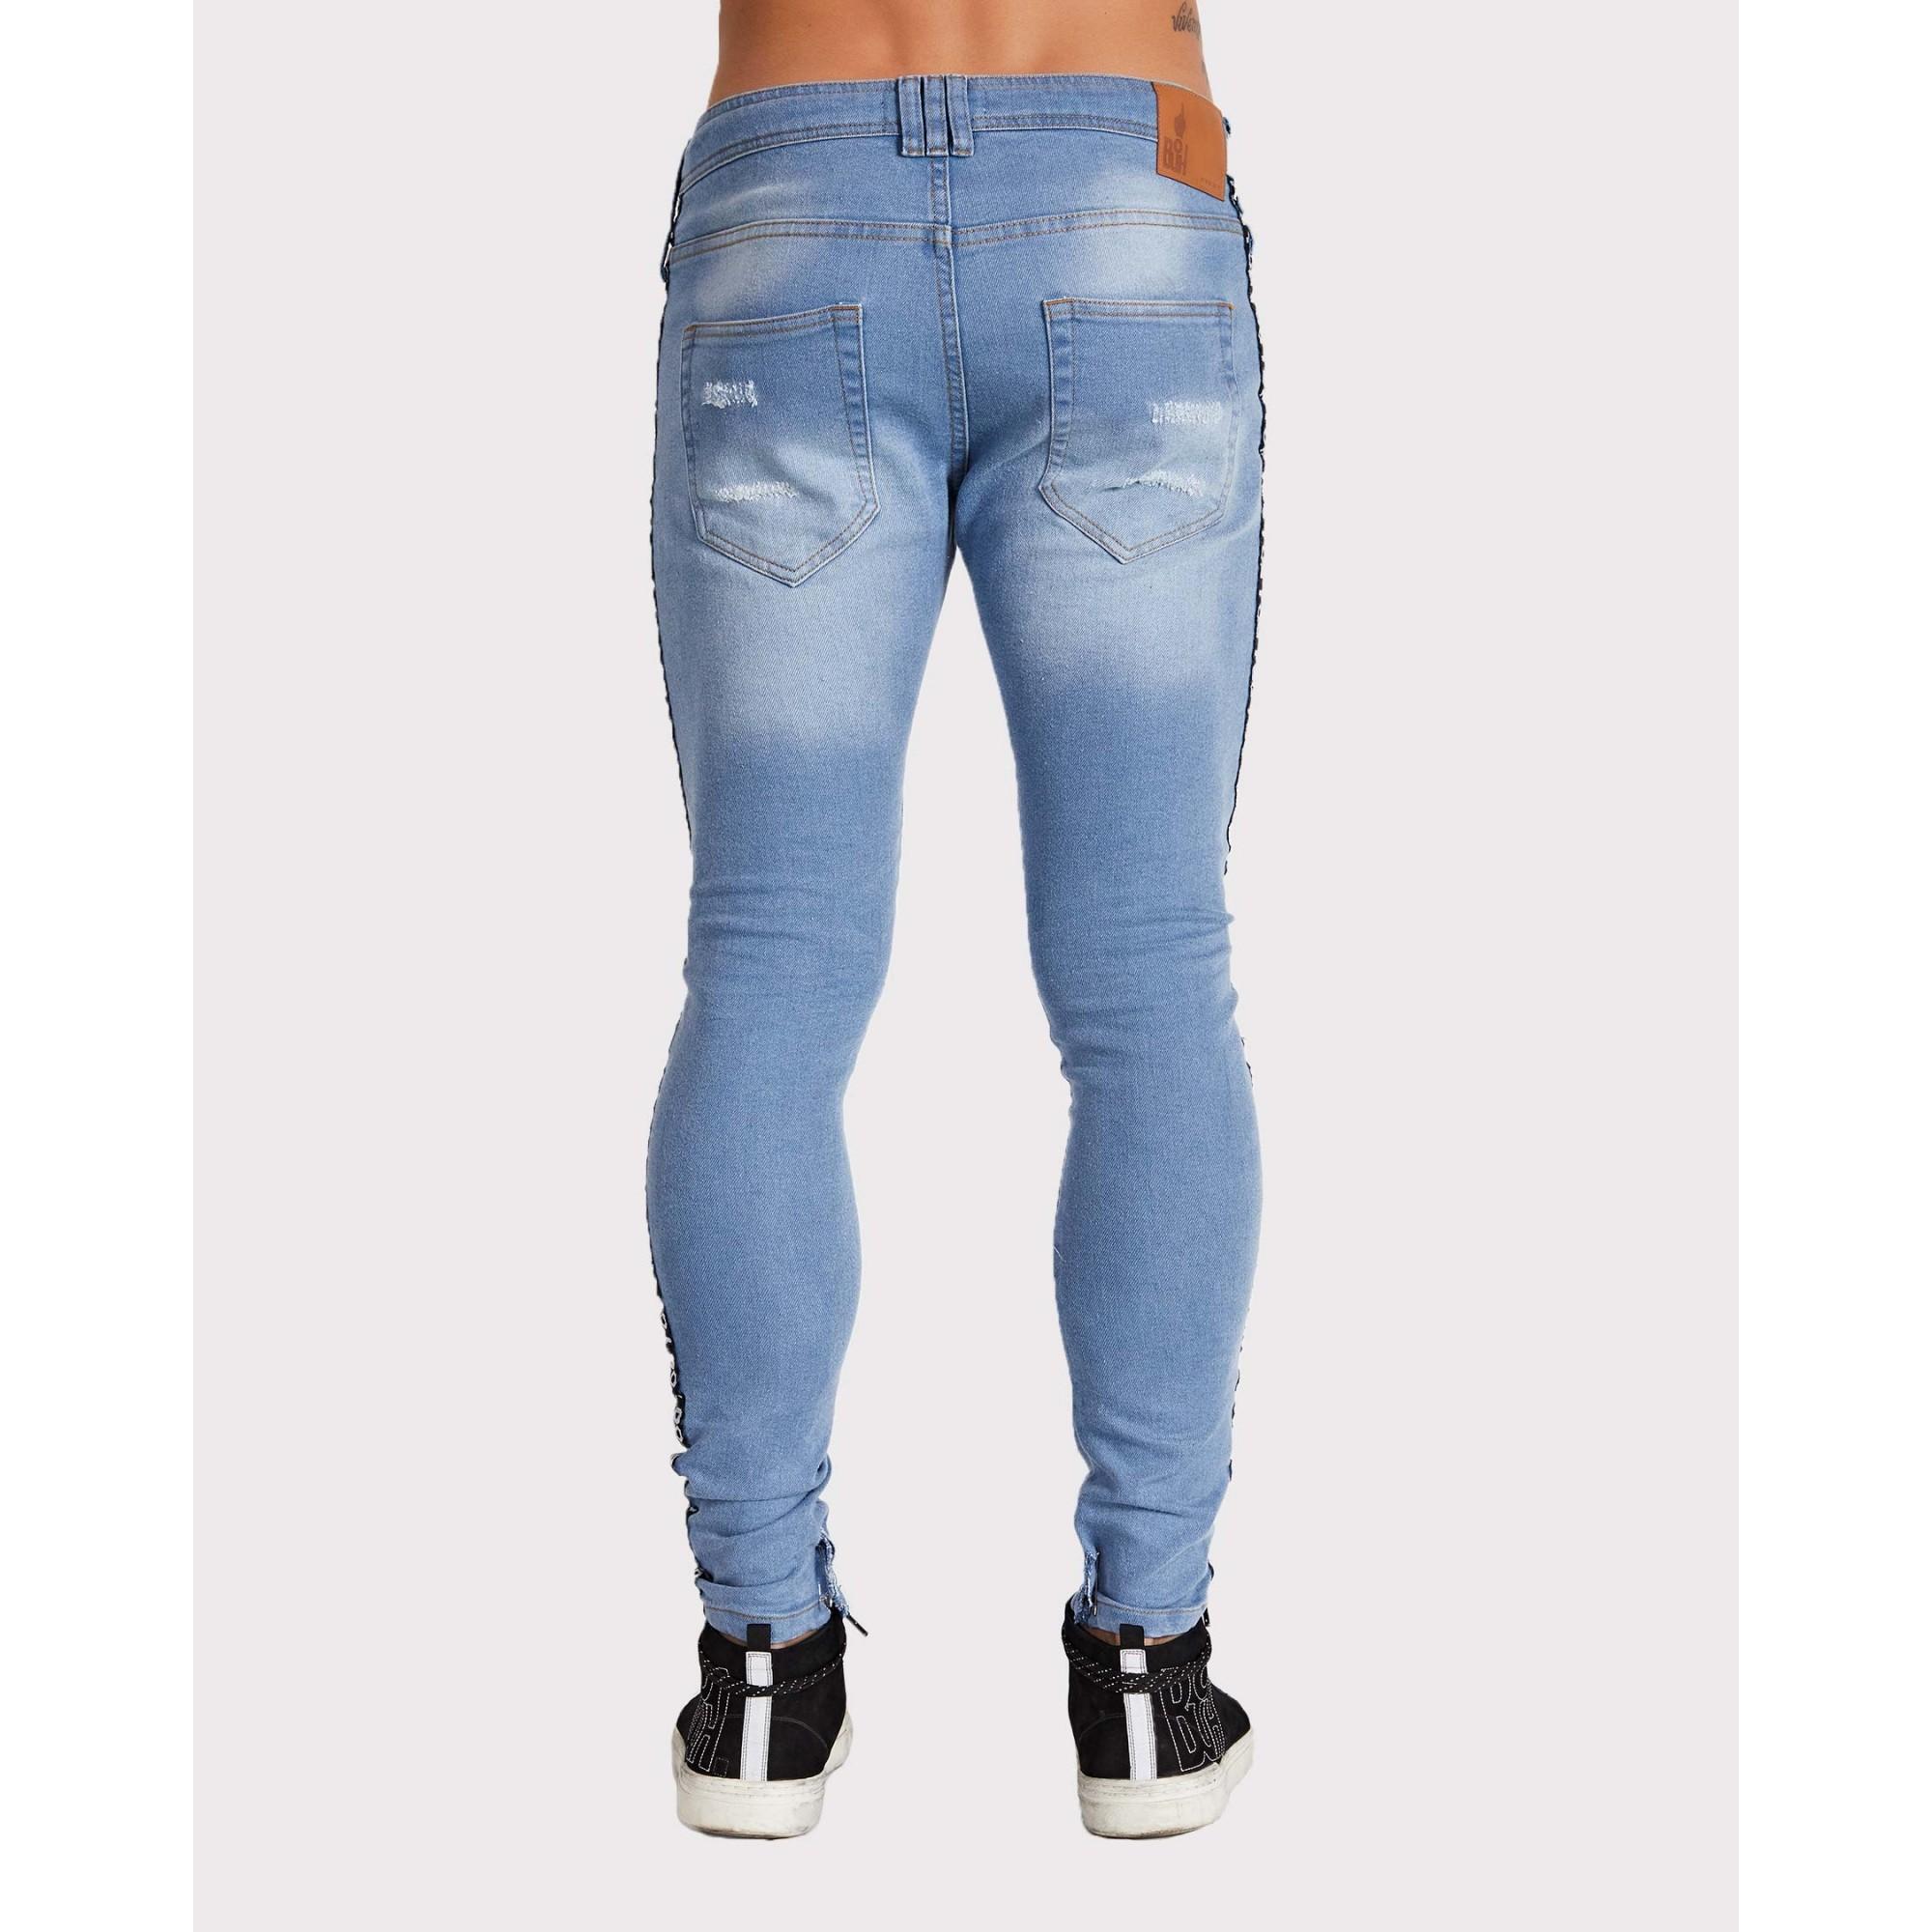 Calça Buh Jeans Galão Lateral Blue